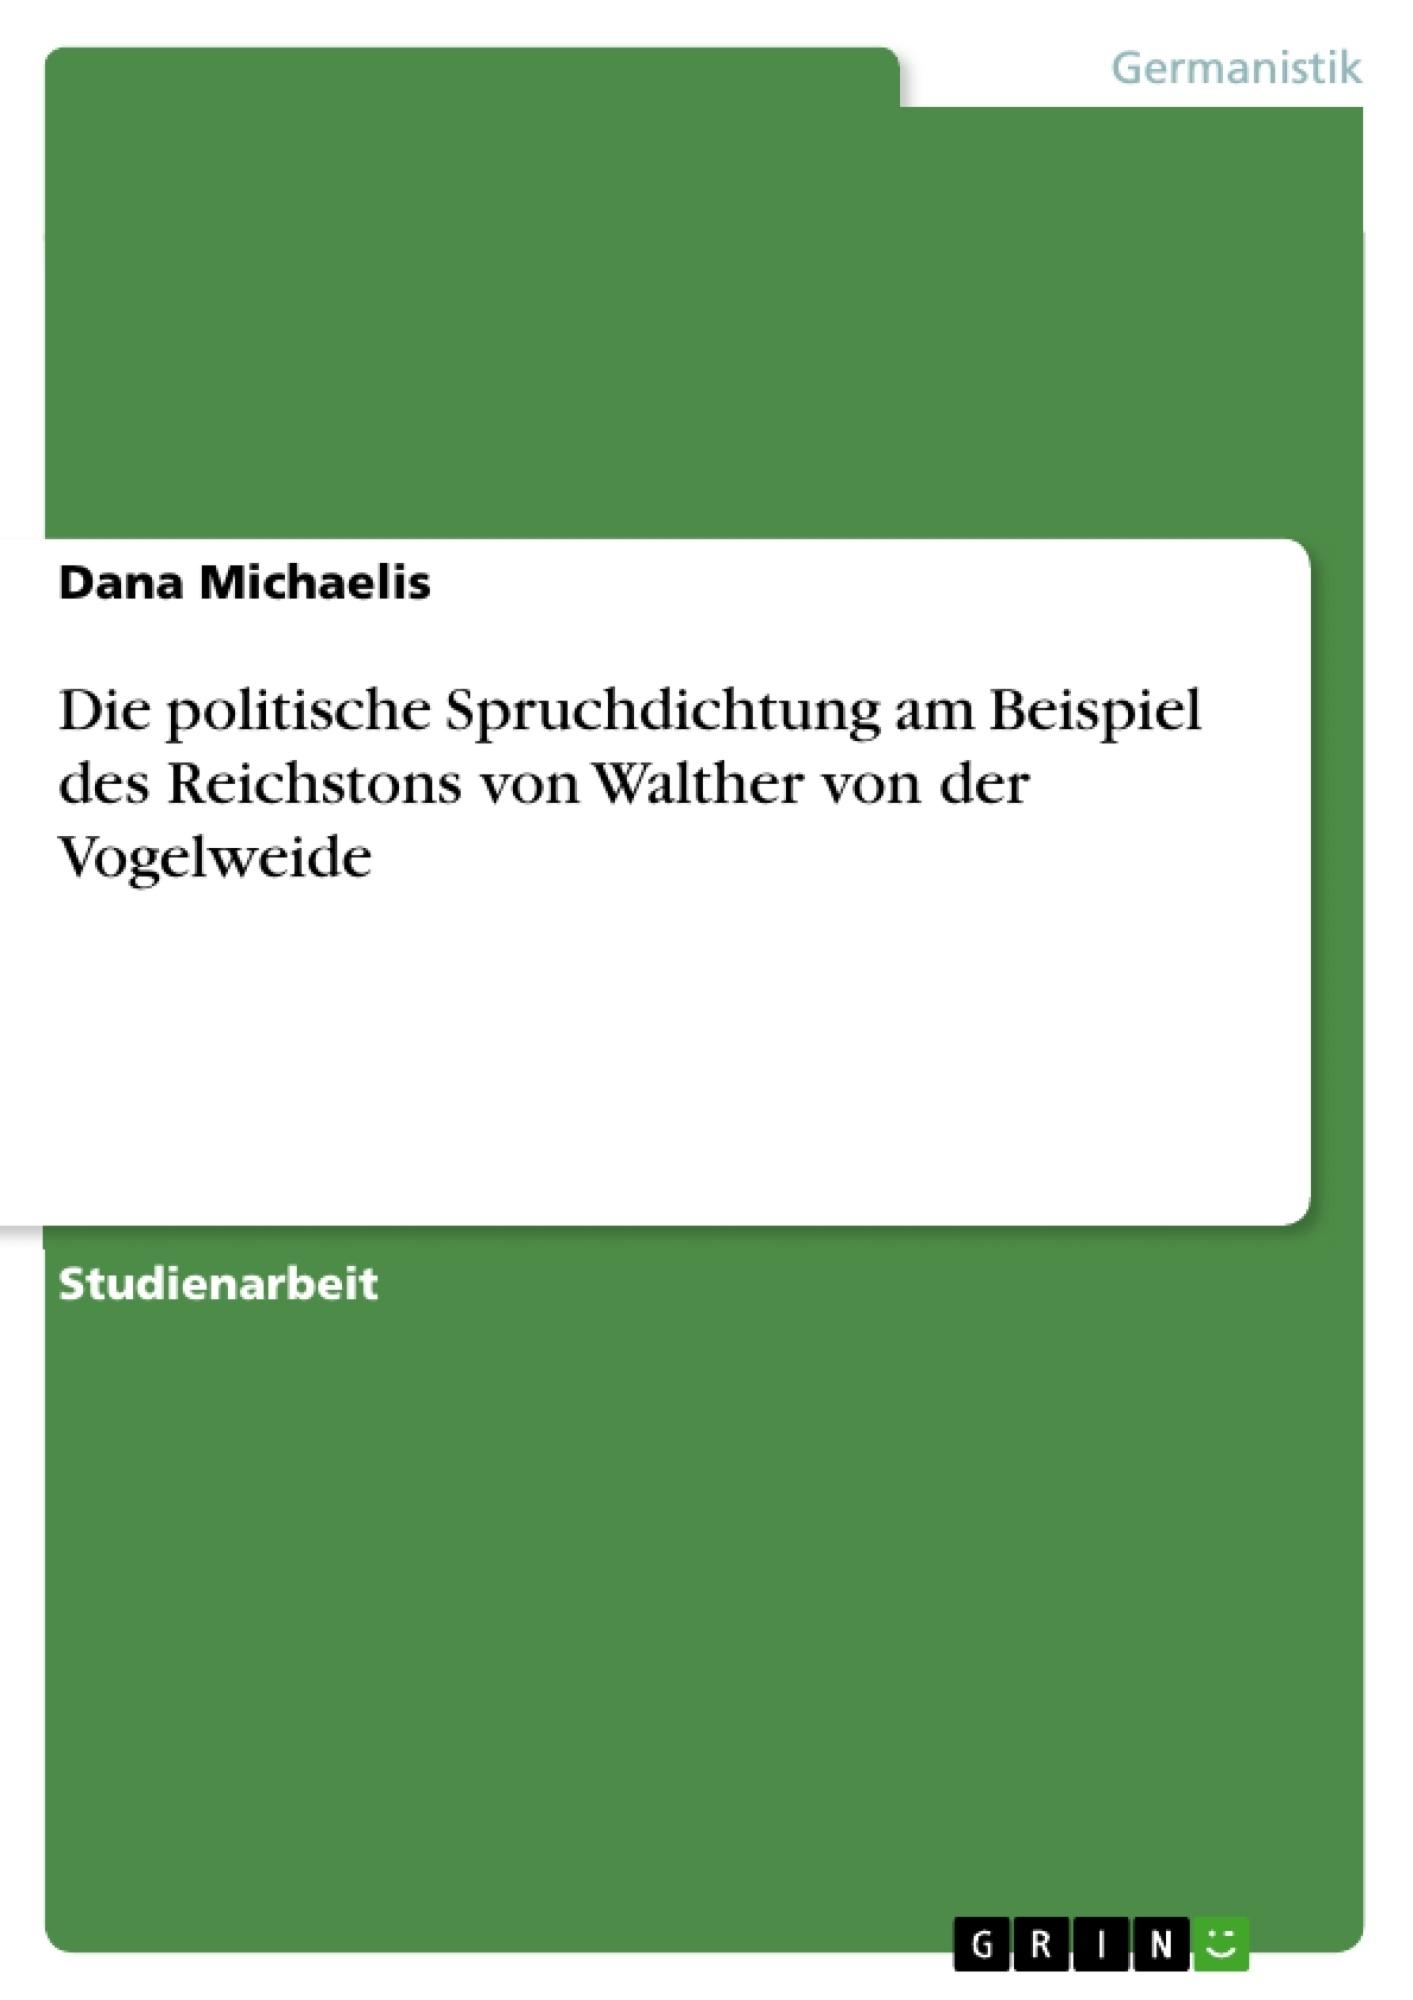 Titel: Die politische Spruchdichtung am Beispiel des Reichstons von Walther von der Vogelweide